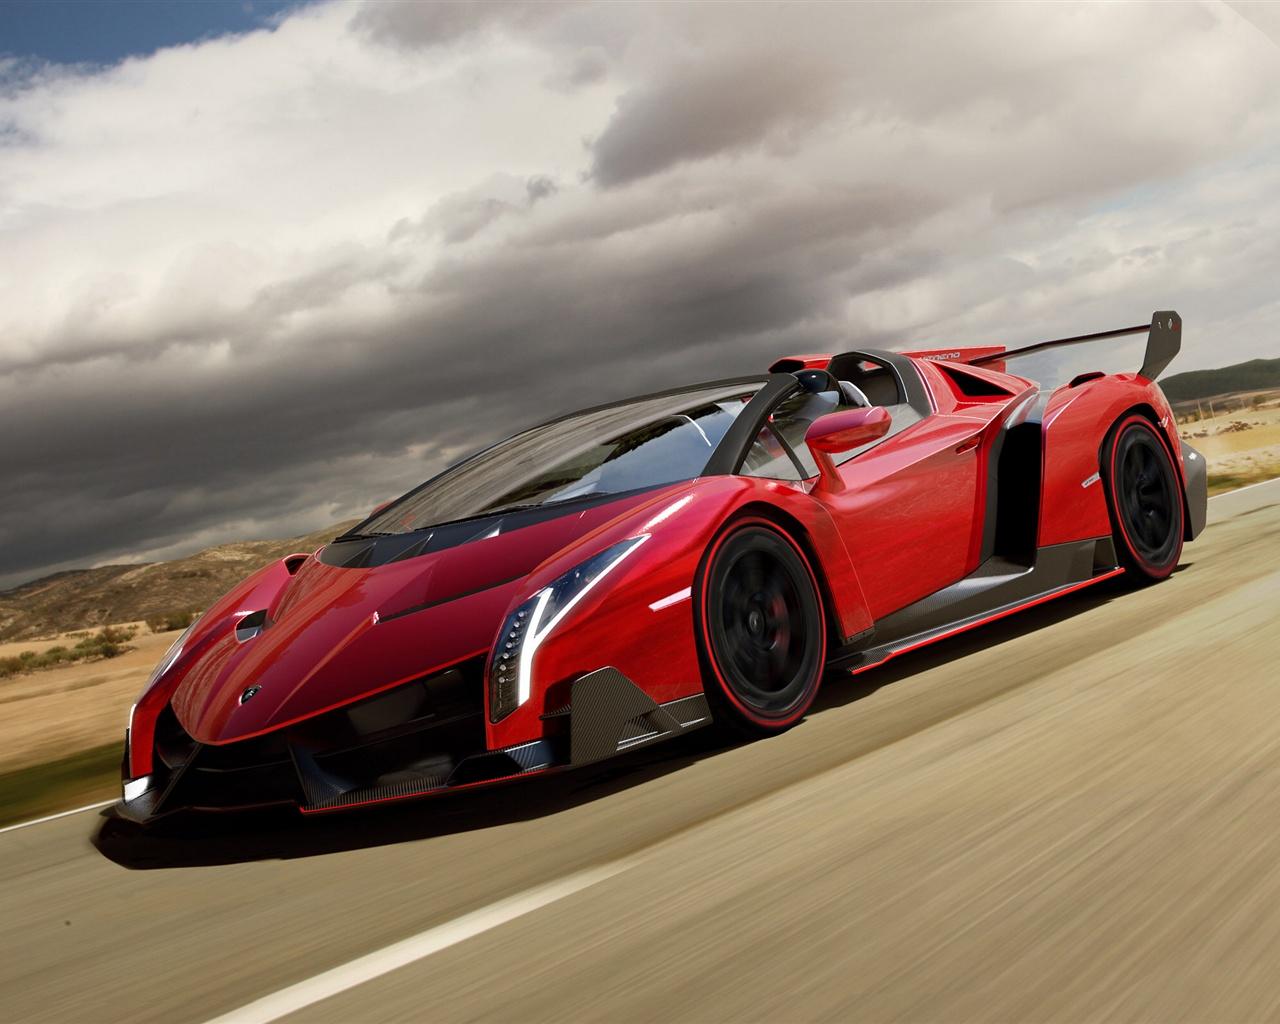 Wallpaper Red Lamborghini Veneno Roadster Supercar In Road 2560x1600